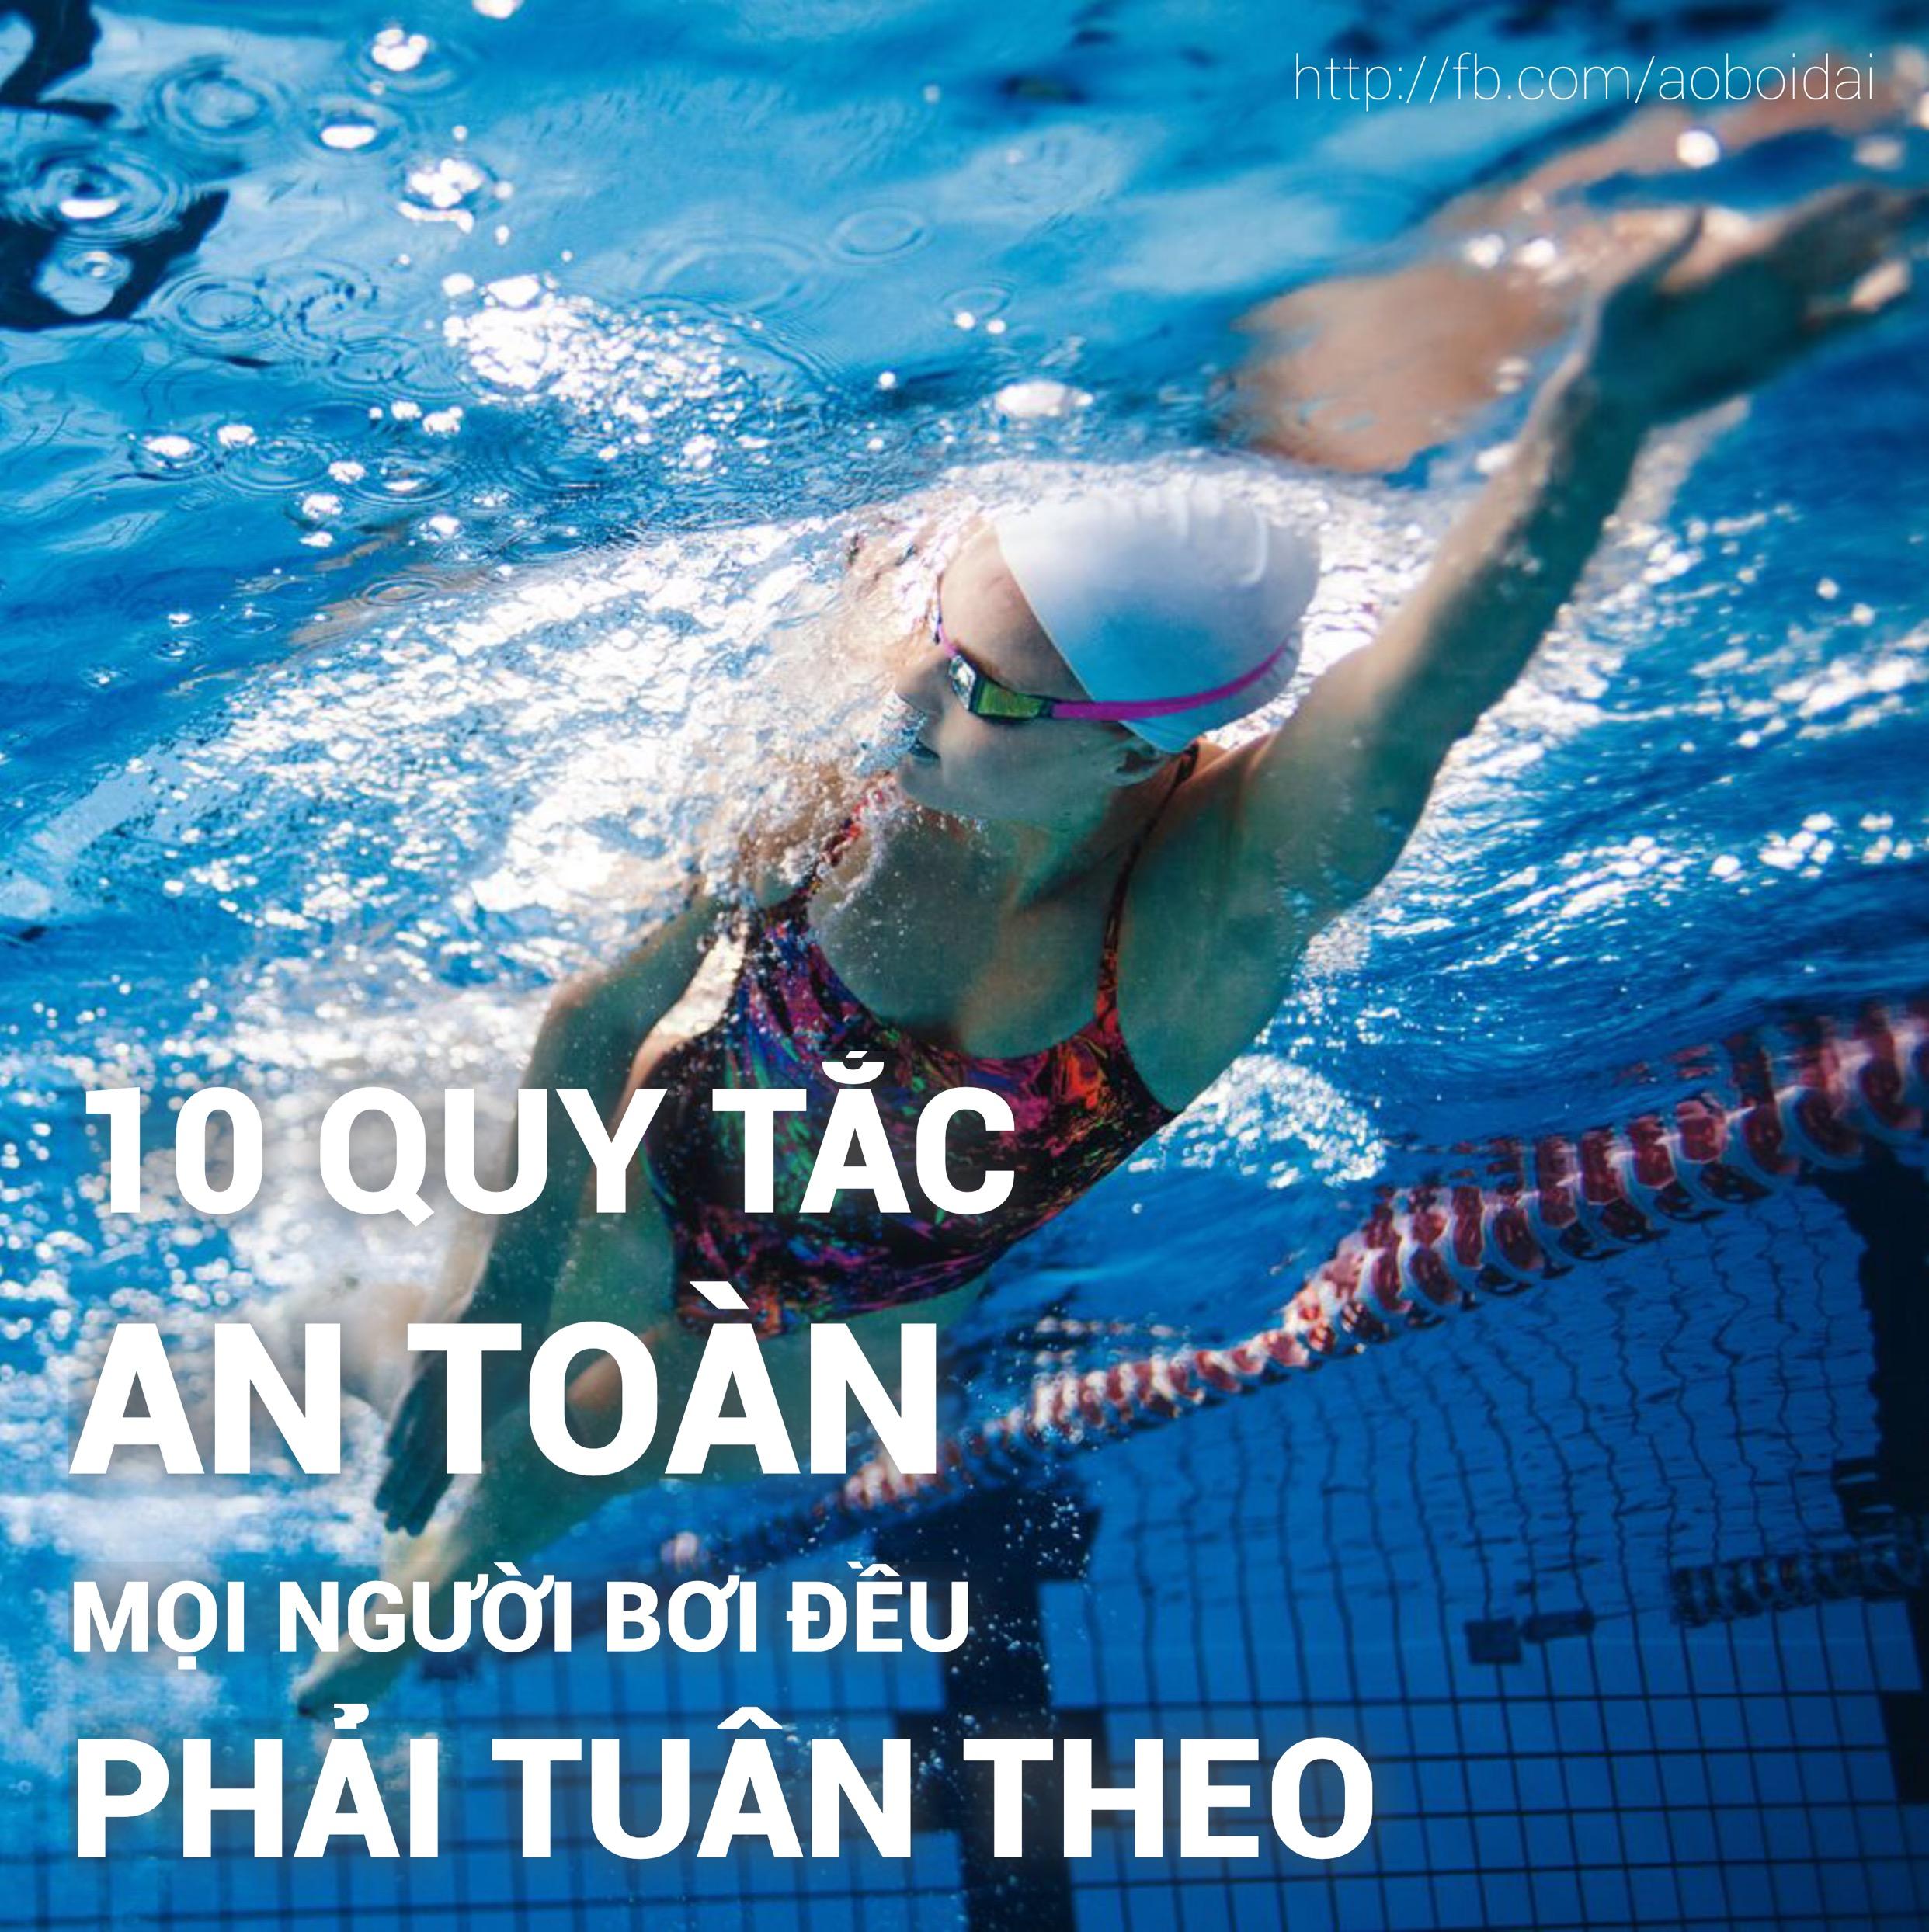 10 quy tắc bơi an toàn mọi người phải tuân thủ(P1)